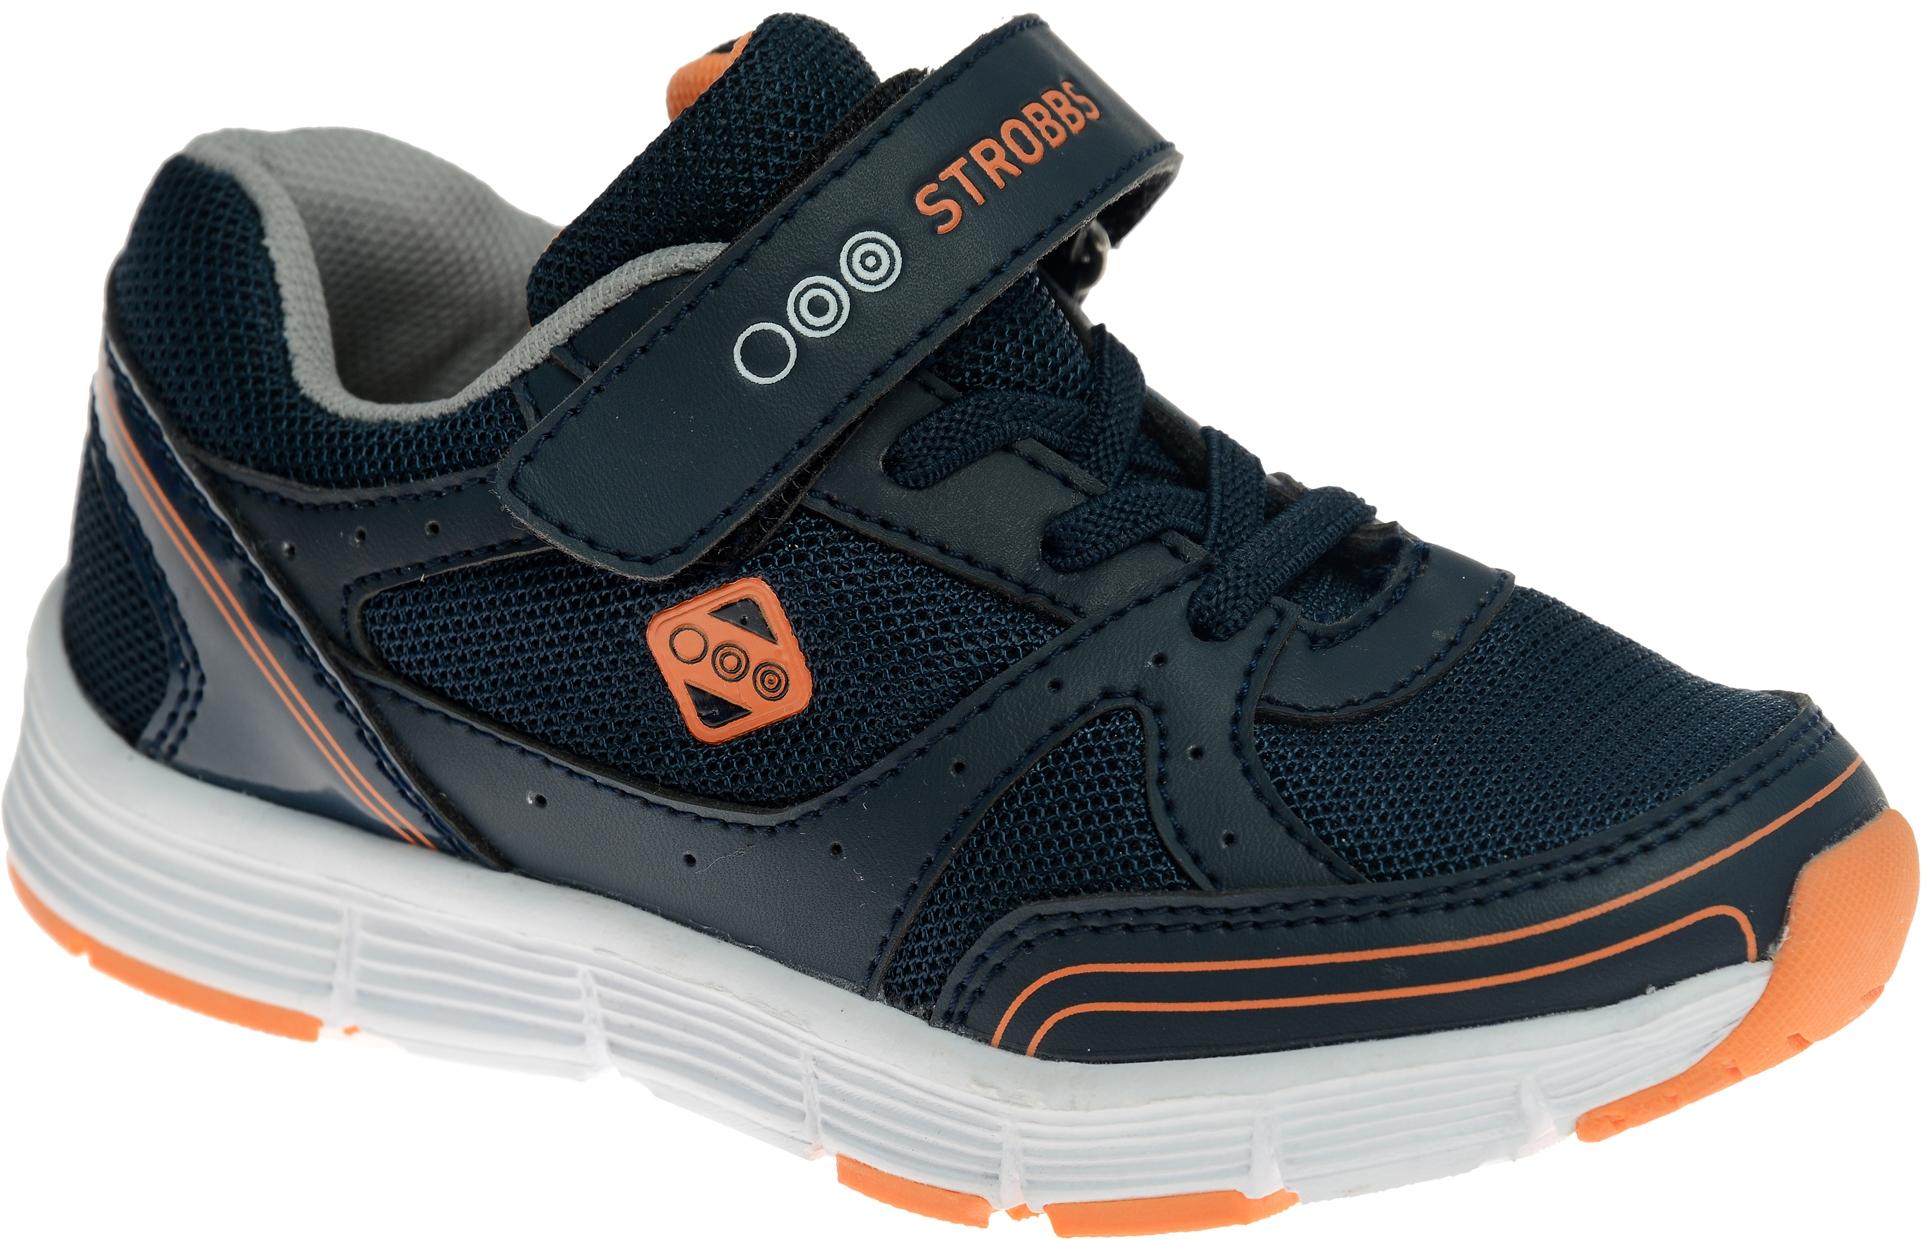 КроссовкиS1425-2Стильные кроссовки для мальчика Strobbs отлично подойдут для активного отдыха и повседневной носки. Верх модели выполнен из дышащего текстиля со вставками из синтетической кожи. Удобная шнуровка и хлястик на липучке надежно зафиксируют модель на стопе. Особая форма подошвы из термопластичной резины обеспечит удобство при ходьбе.